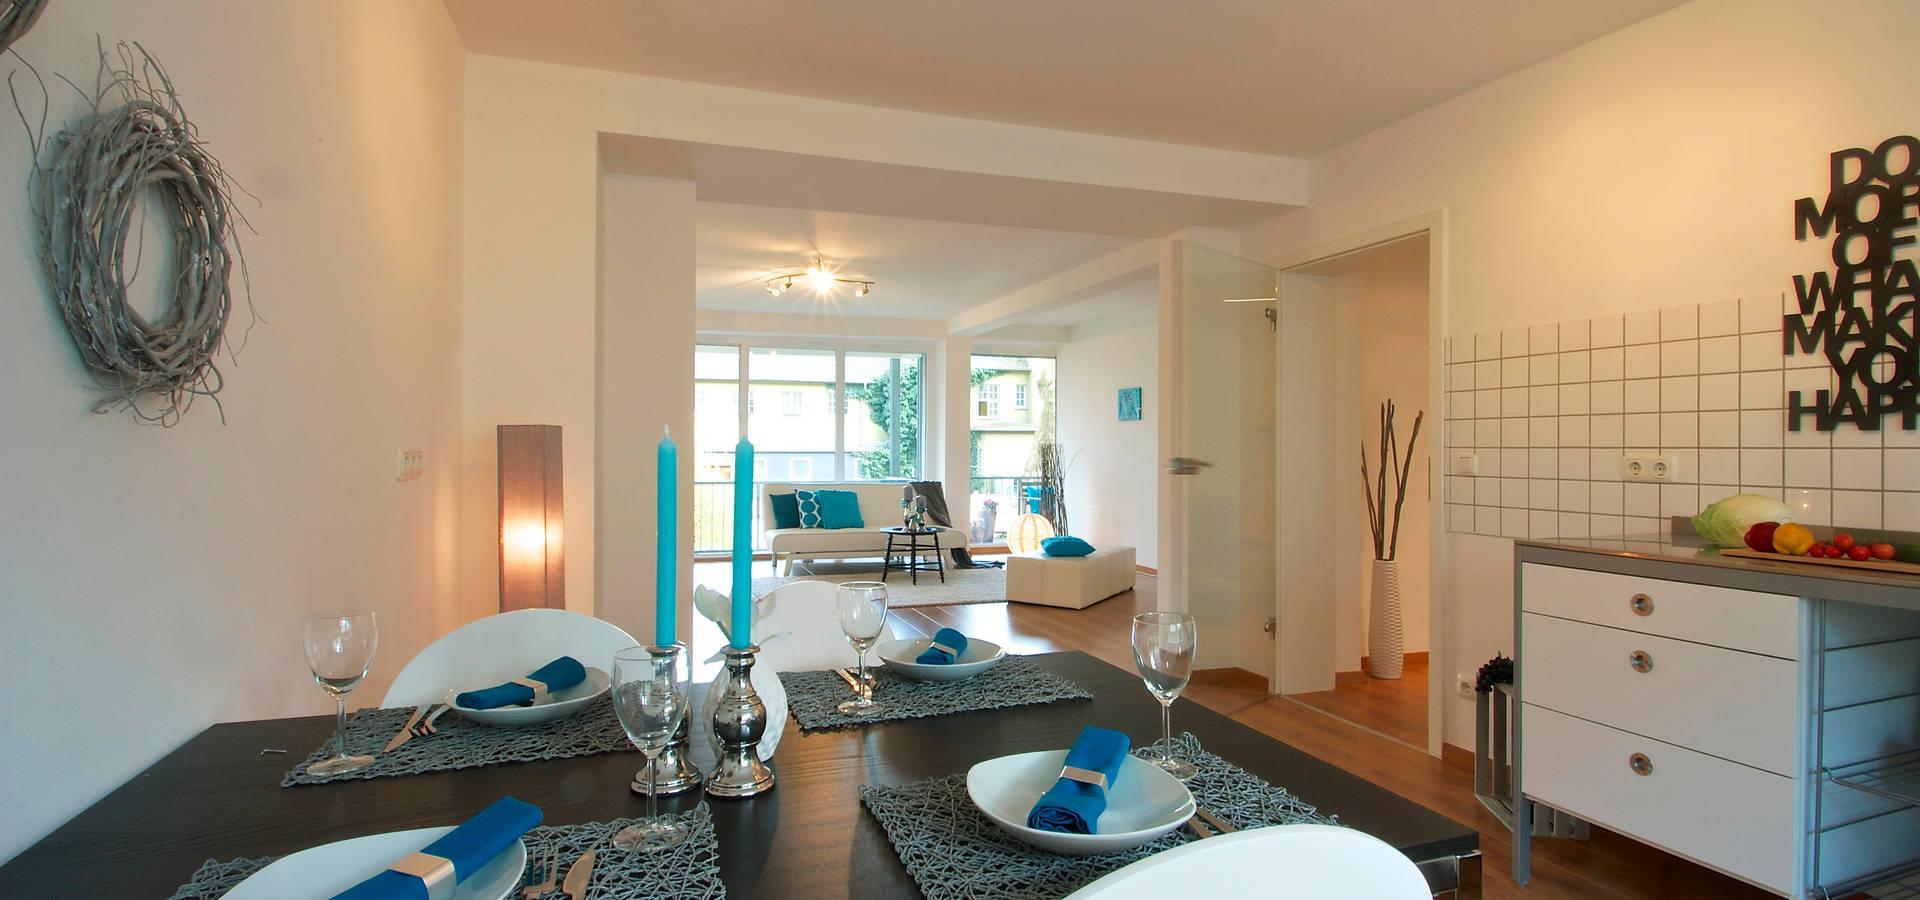 raumcouture Einrichtungsberatung & Home Staging